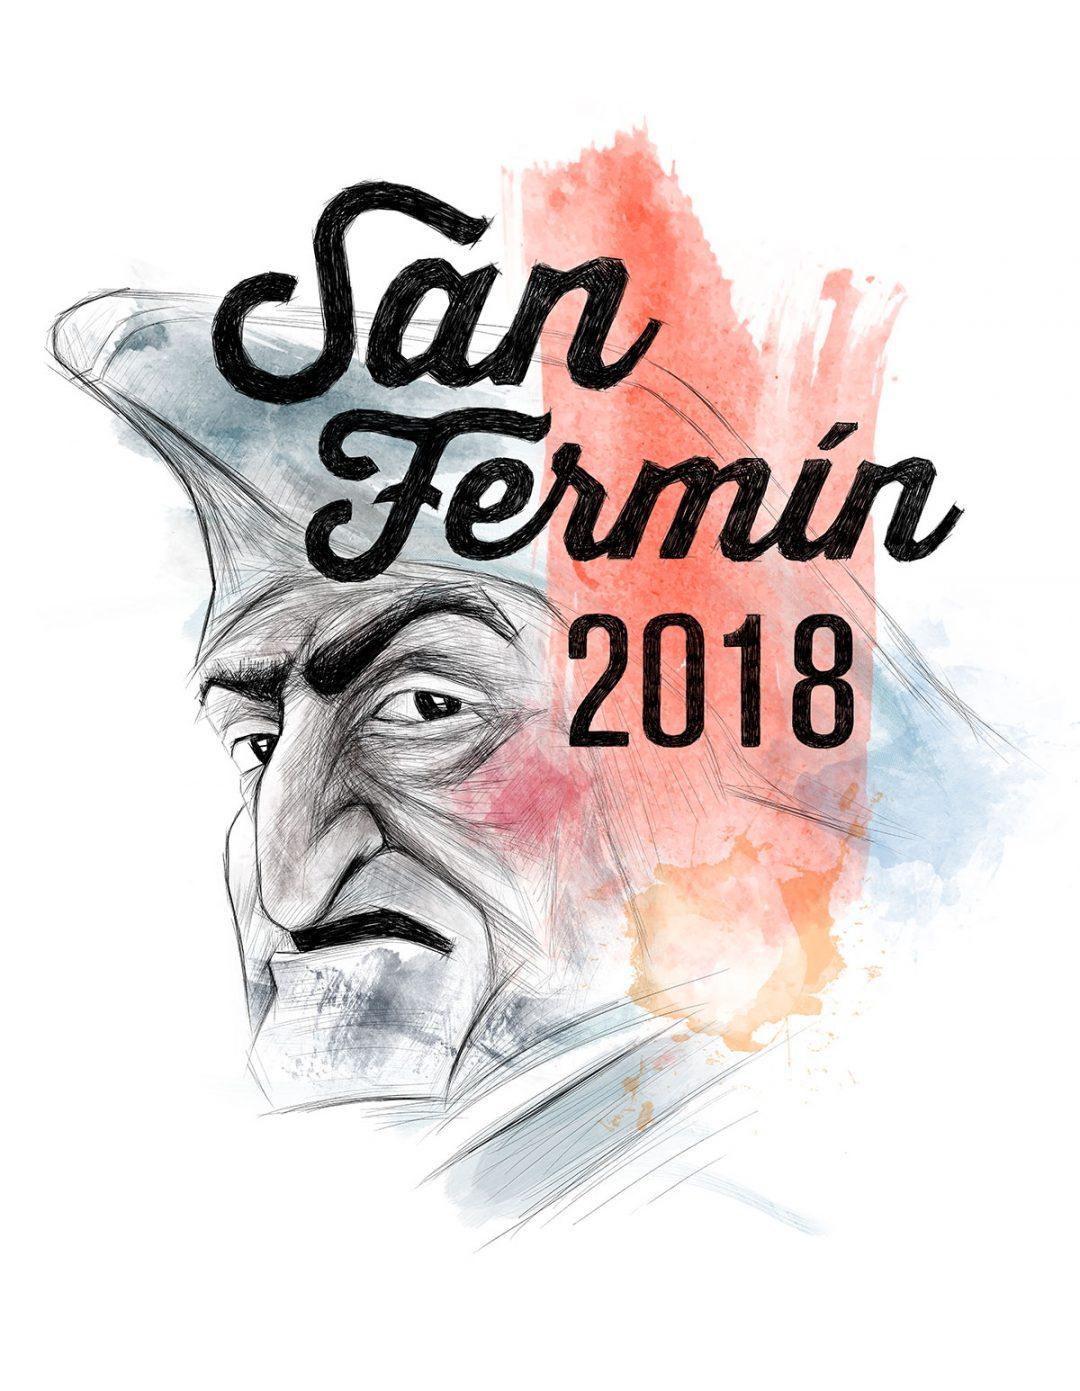 Diseño ganador Itaroa SF 2018